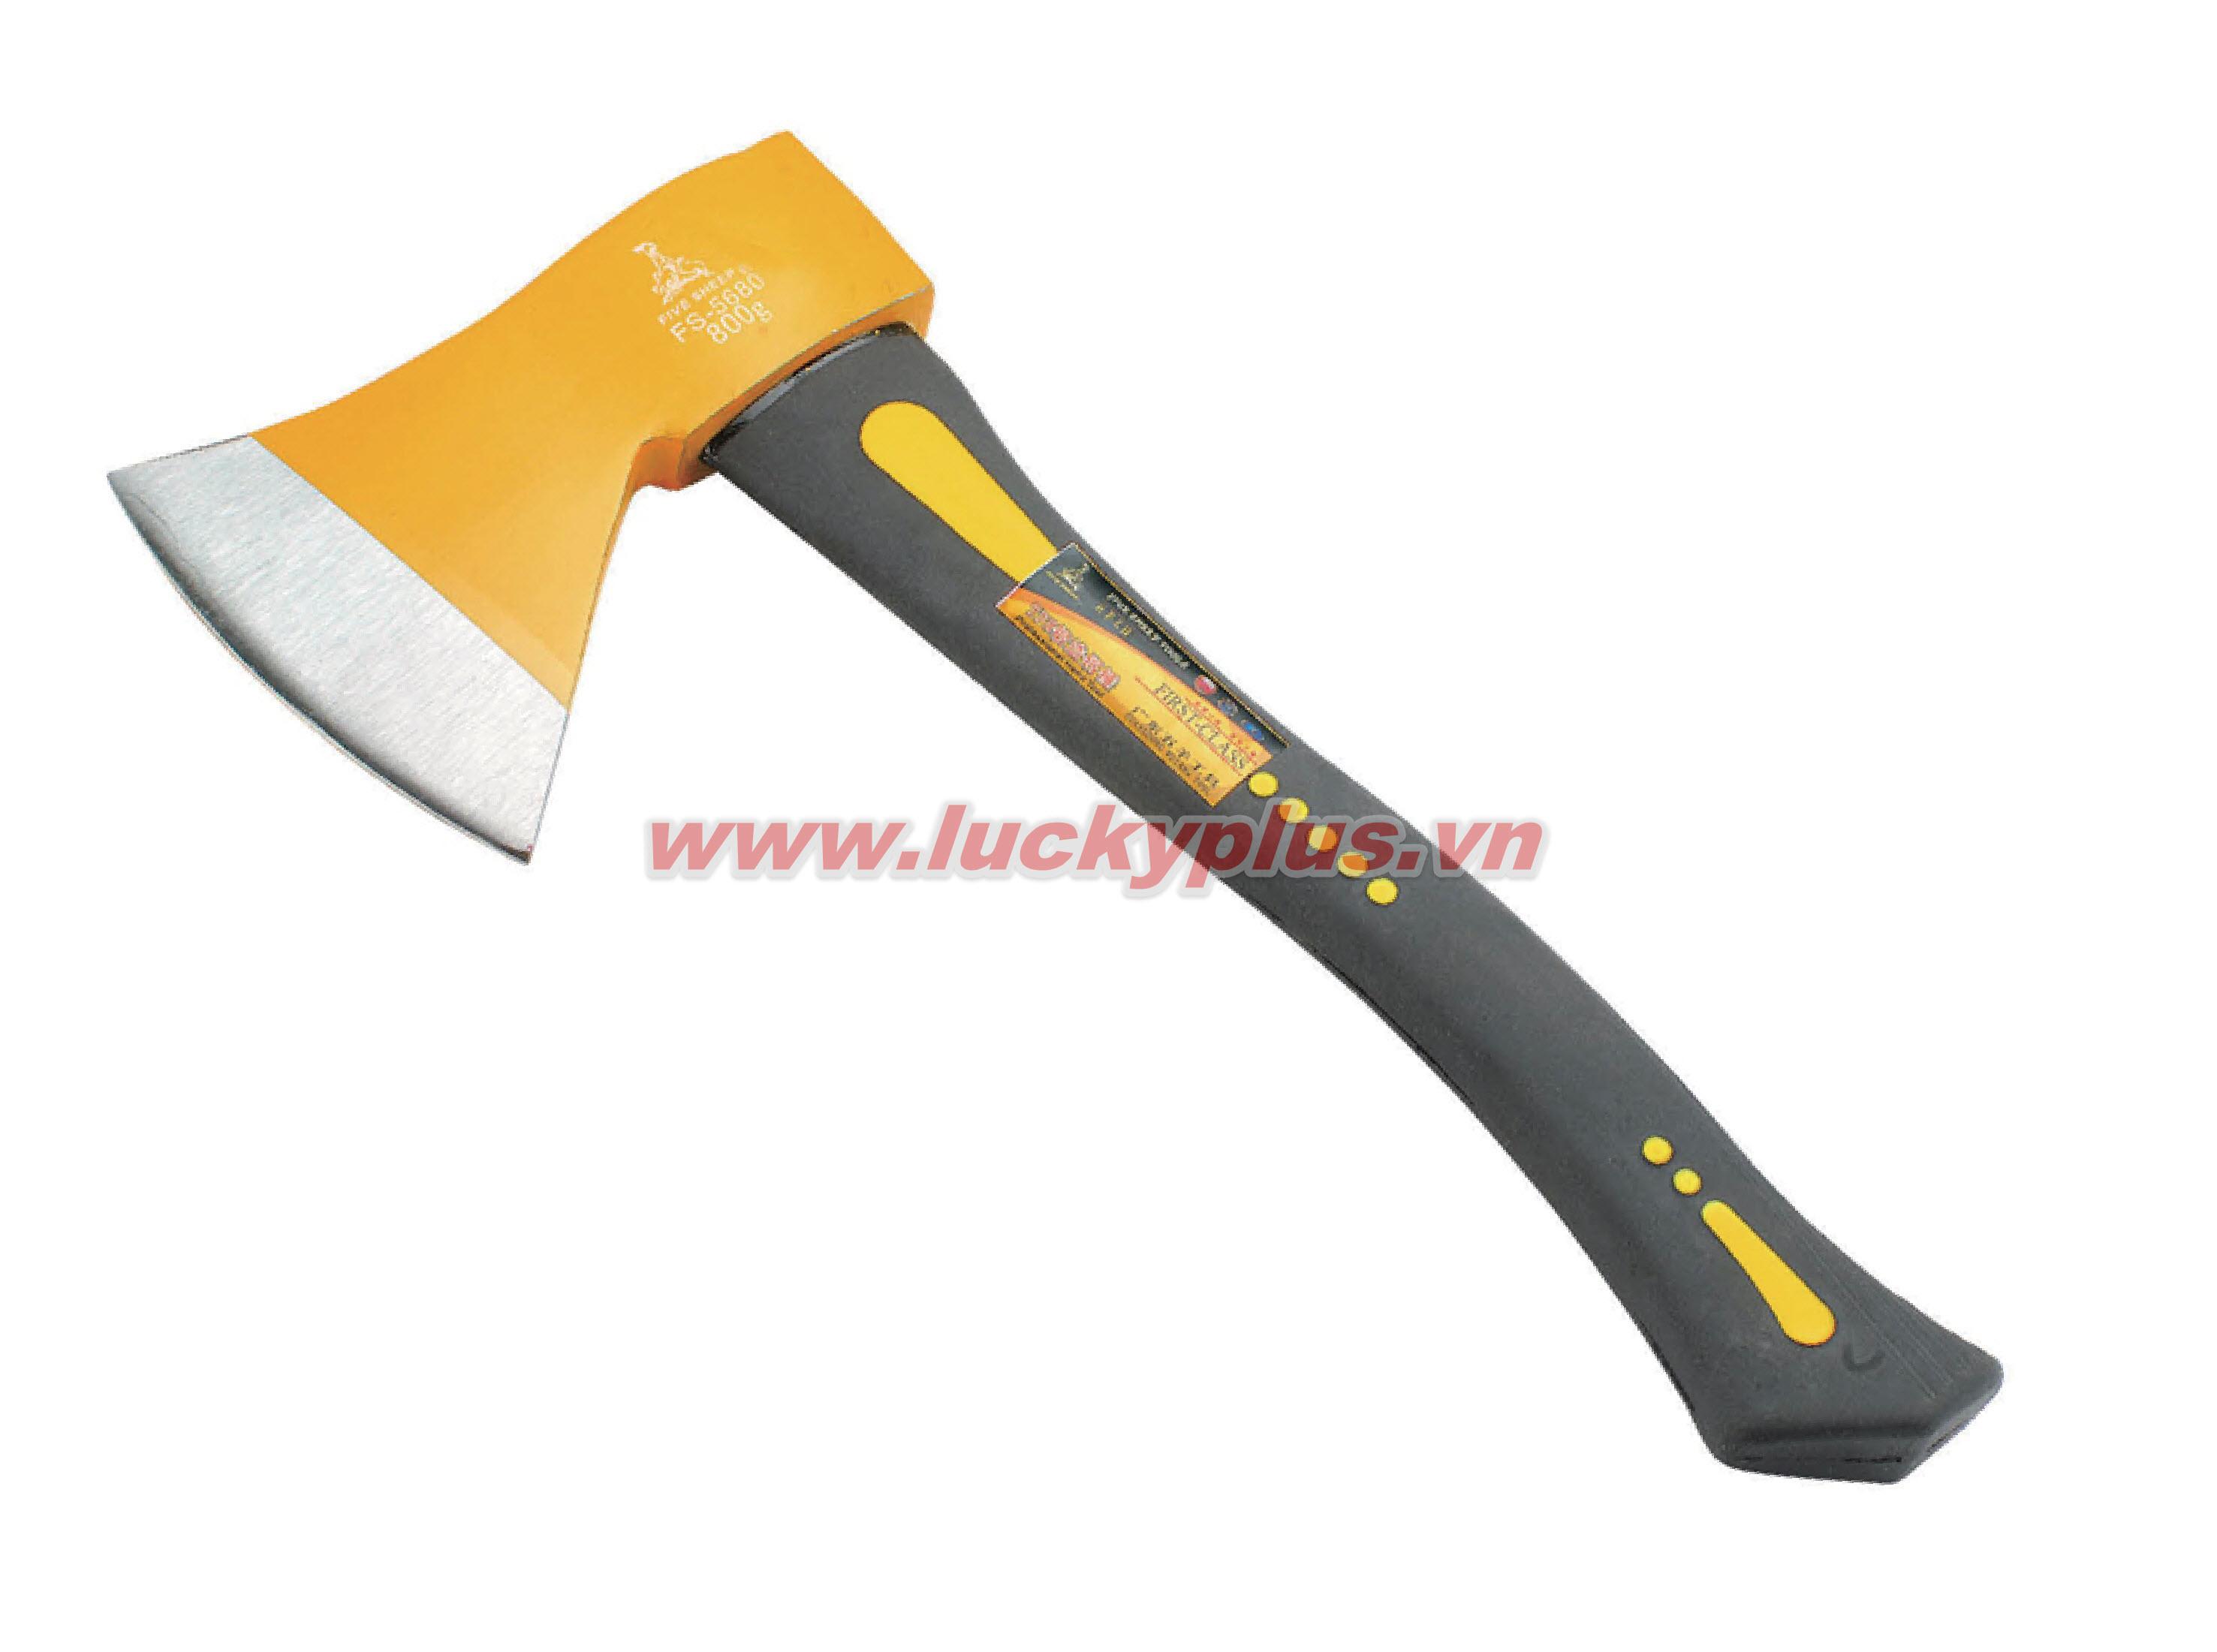 Rìu tay cầm bằng sợi xử lý FiveSheep FS-5660 600, FC-5580 800, FS-56125(R) 1250